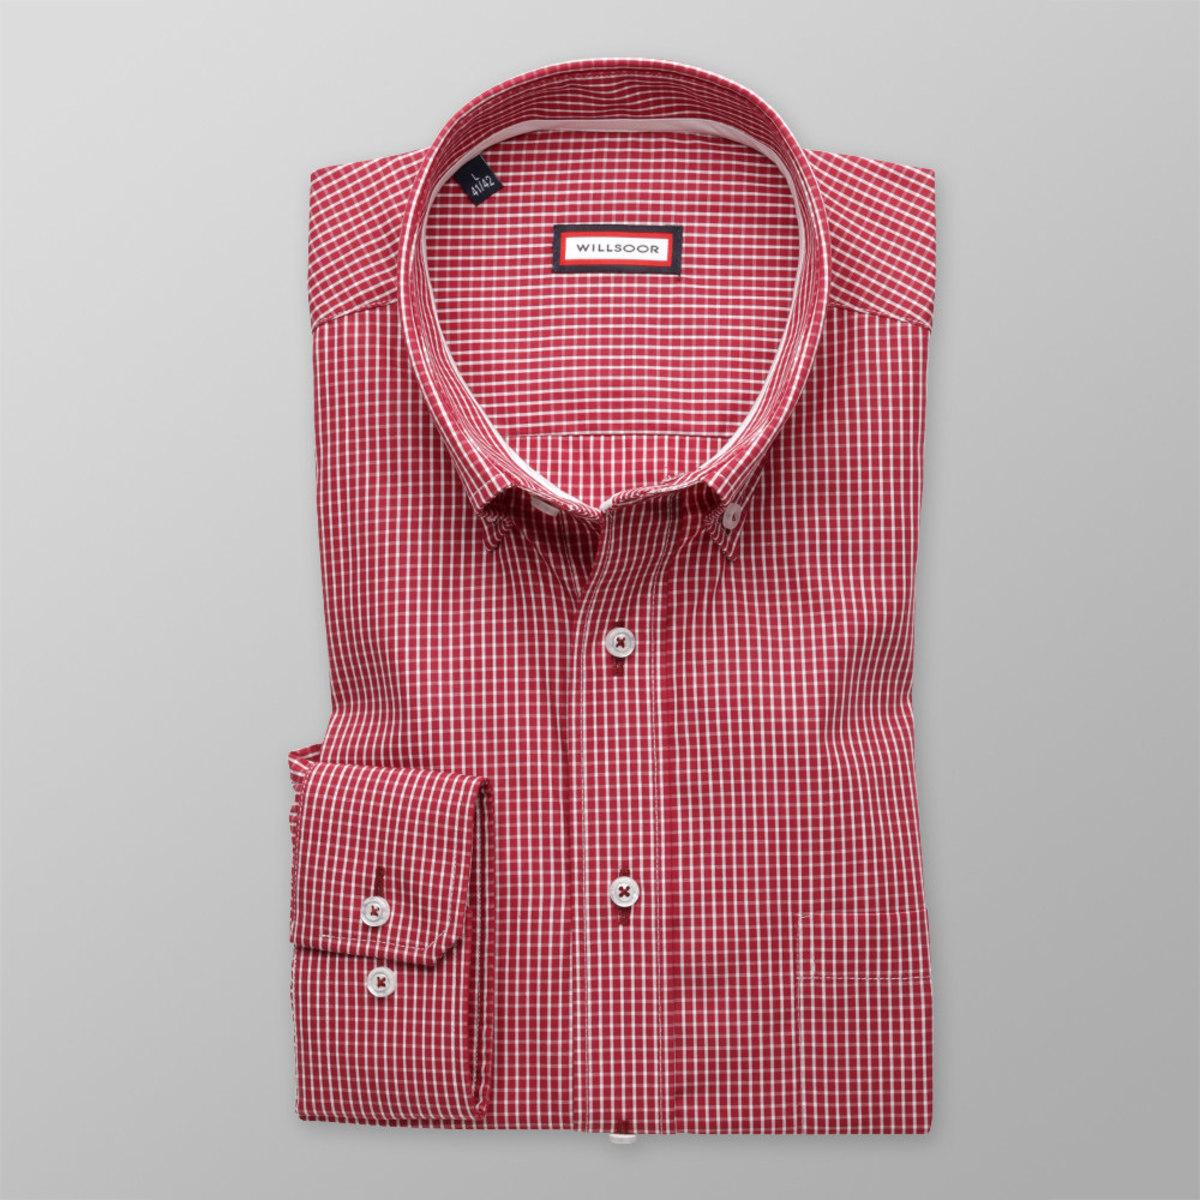 Pánska klasická košeľa (výška 176-182) 8389 v červené farbe s úpravou easy care 176-182 / XXL (45/46)